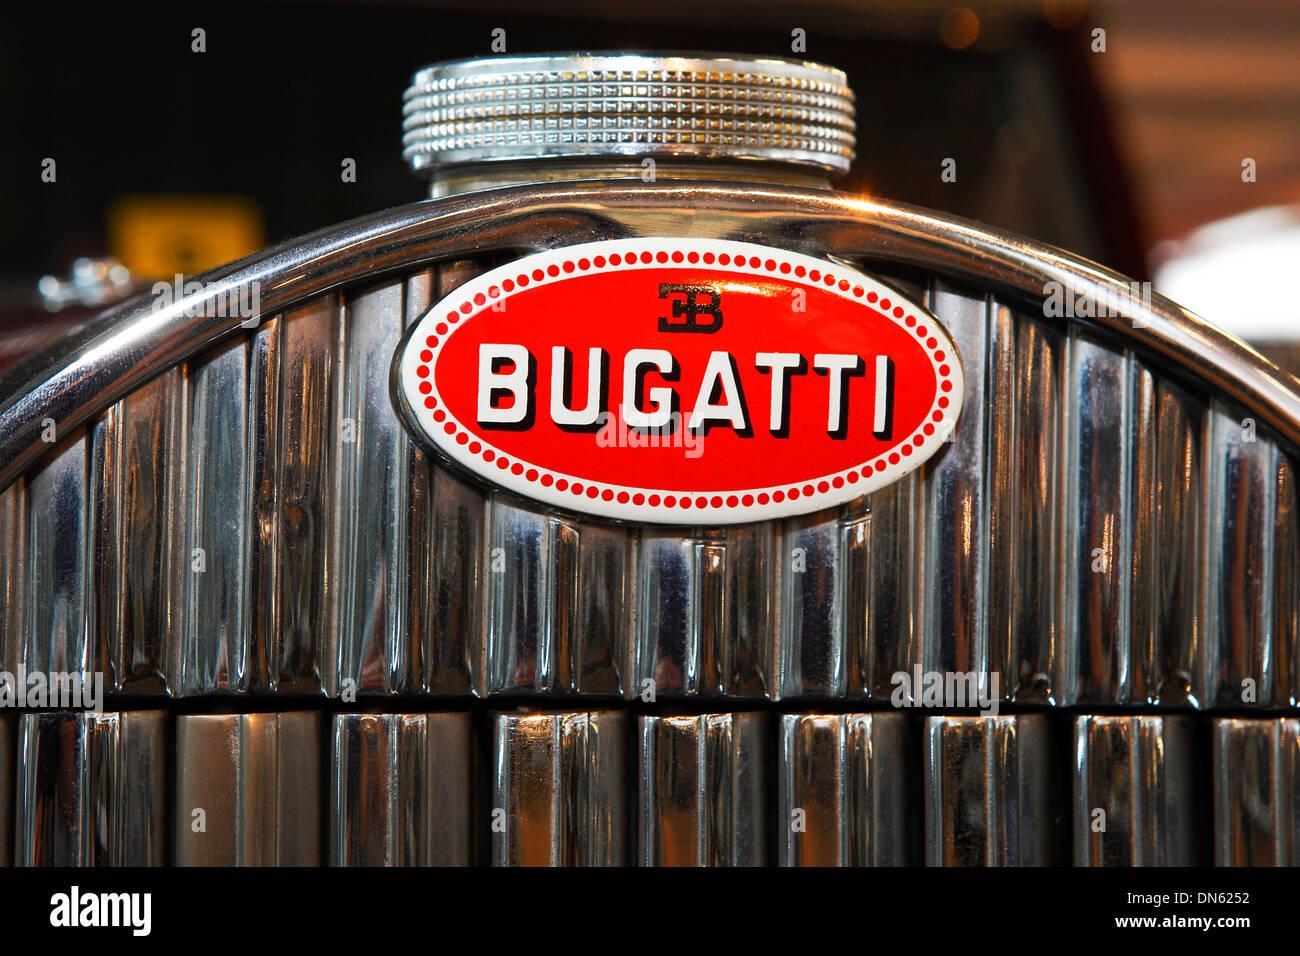 bugatti logos stock photos bugatti logos stock images alamy